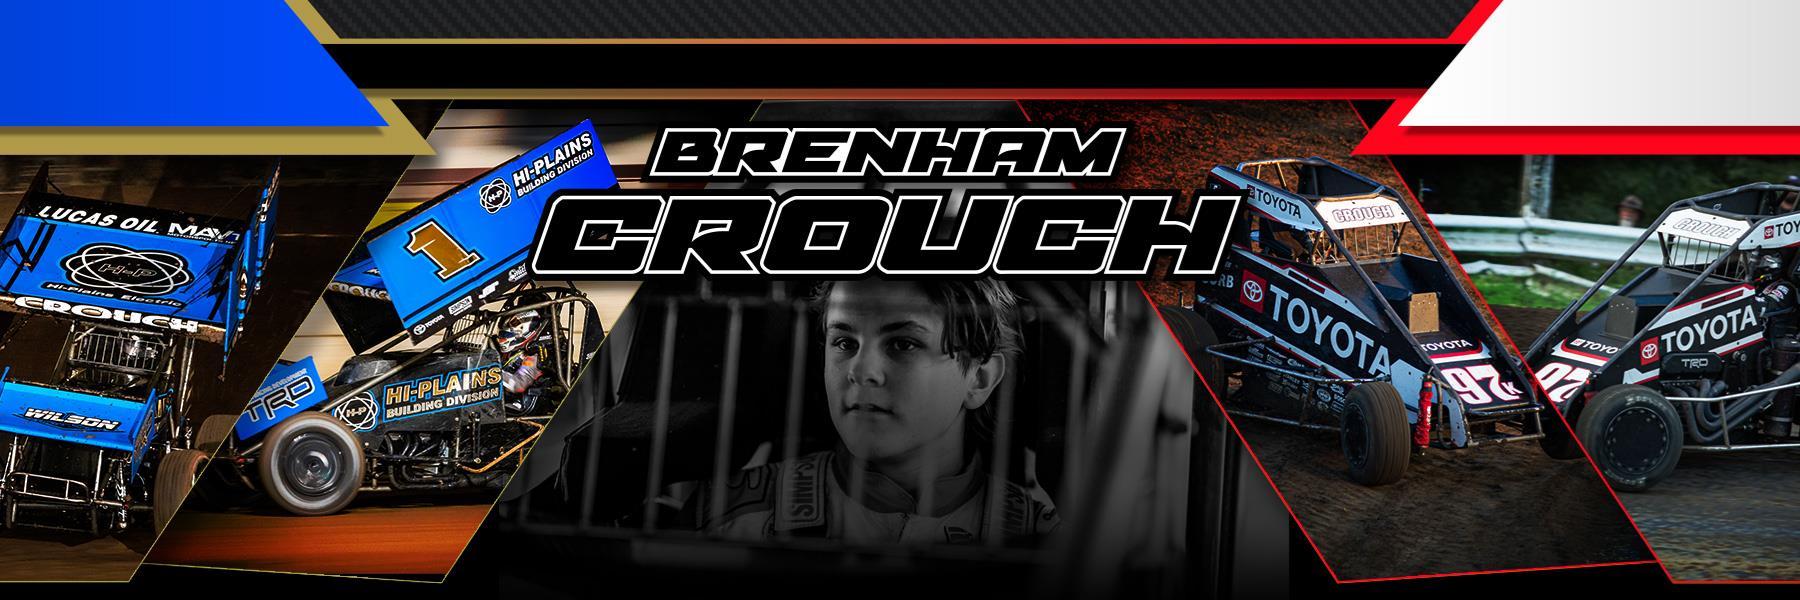 Brenham Crouch